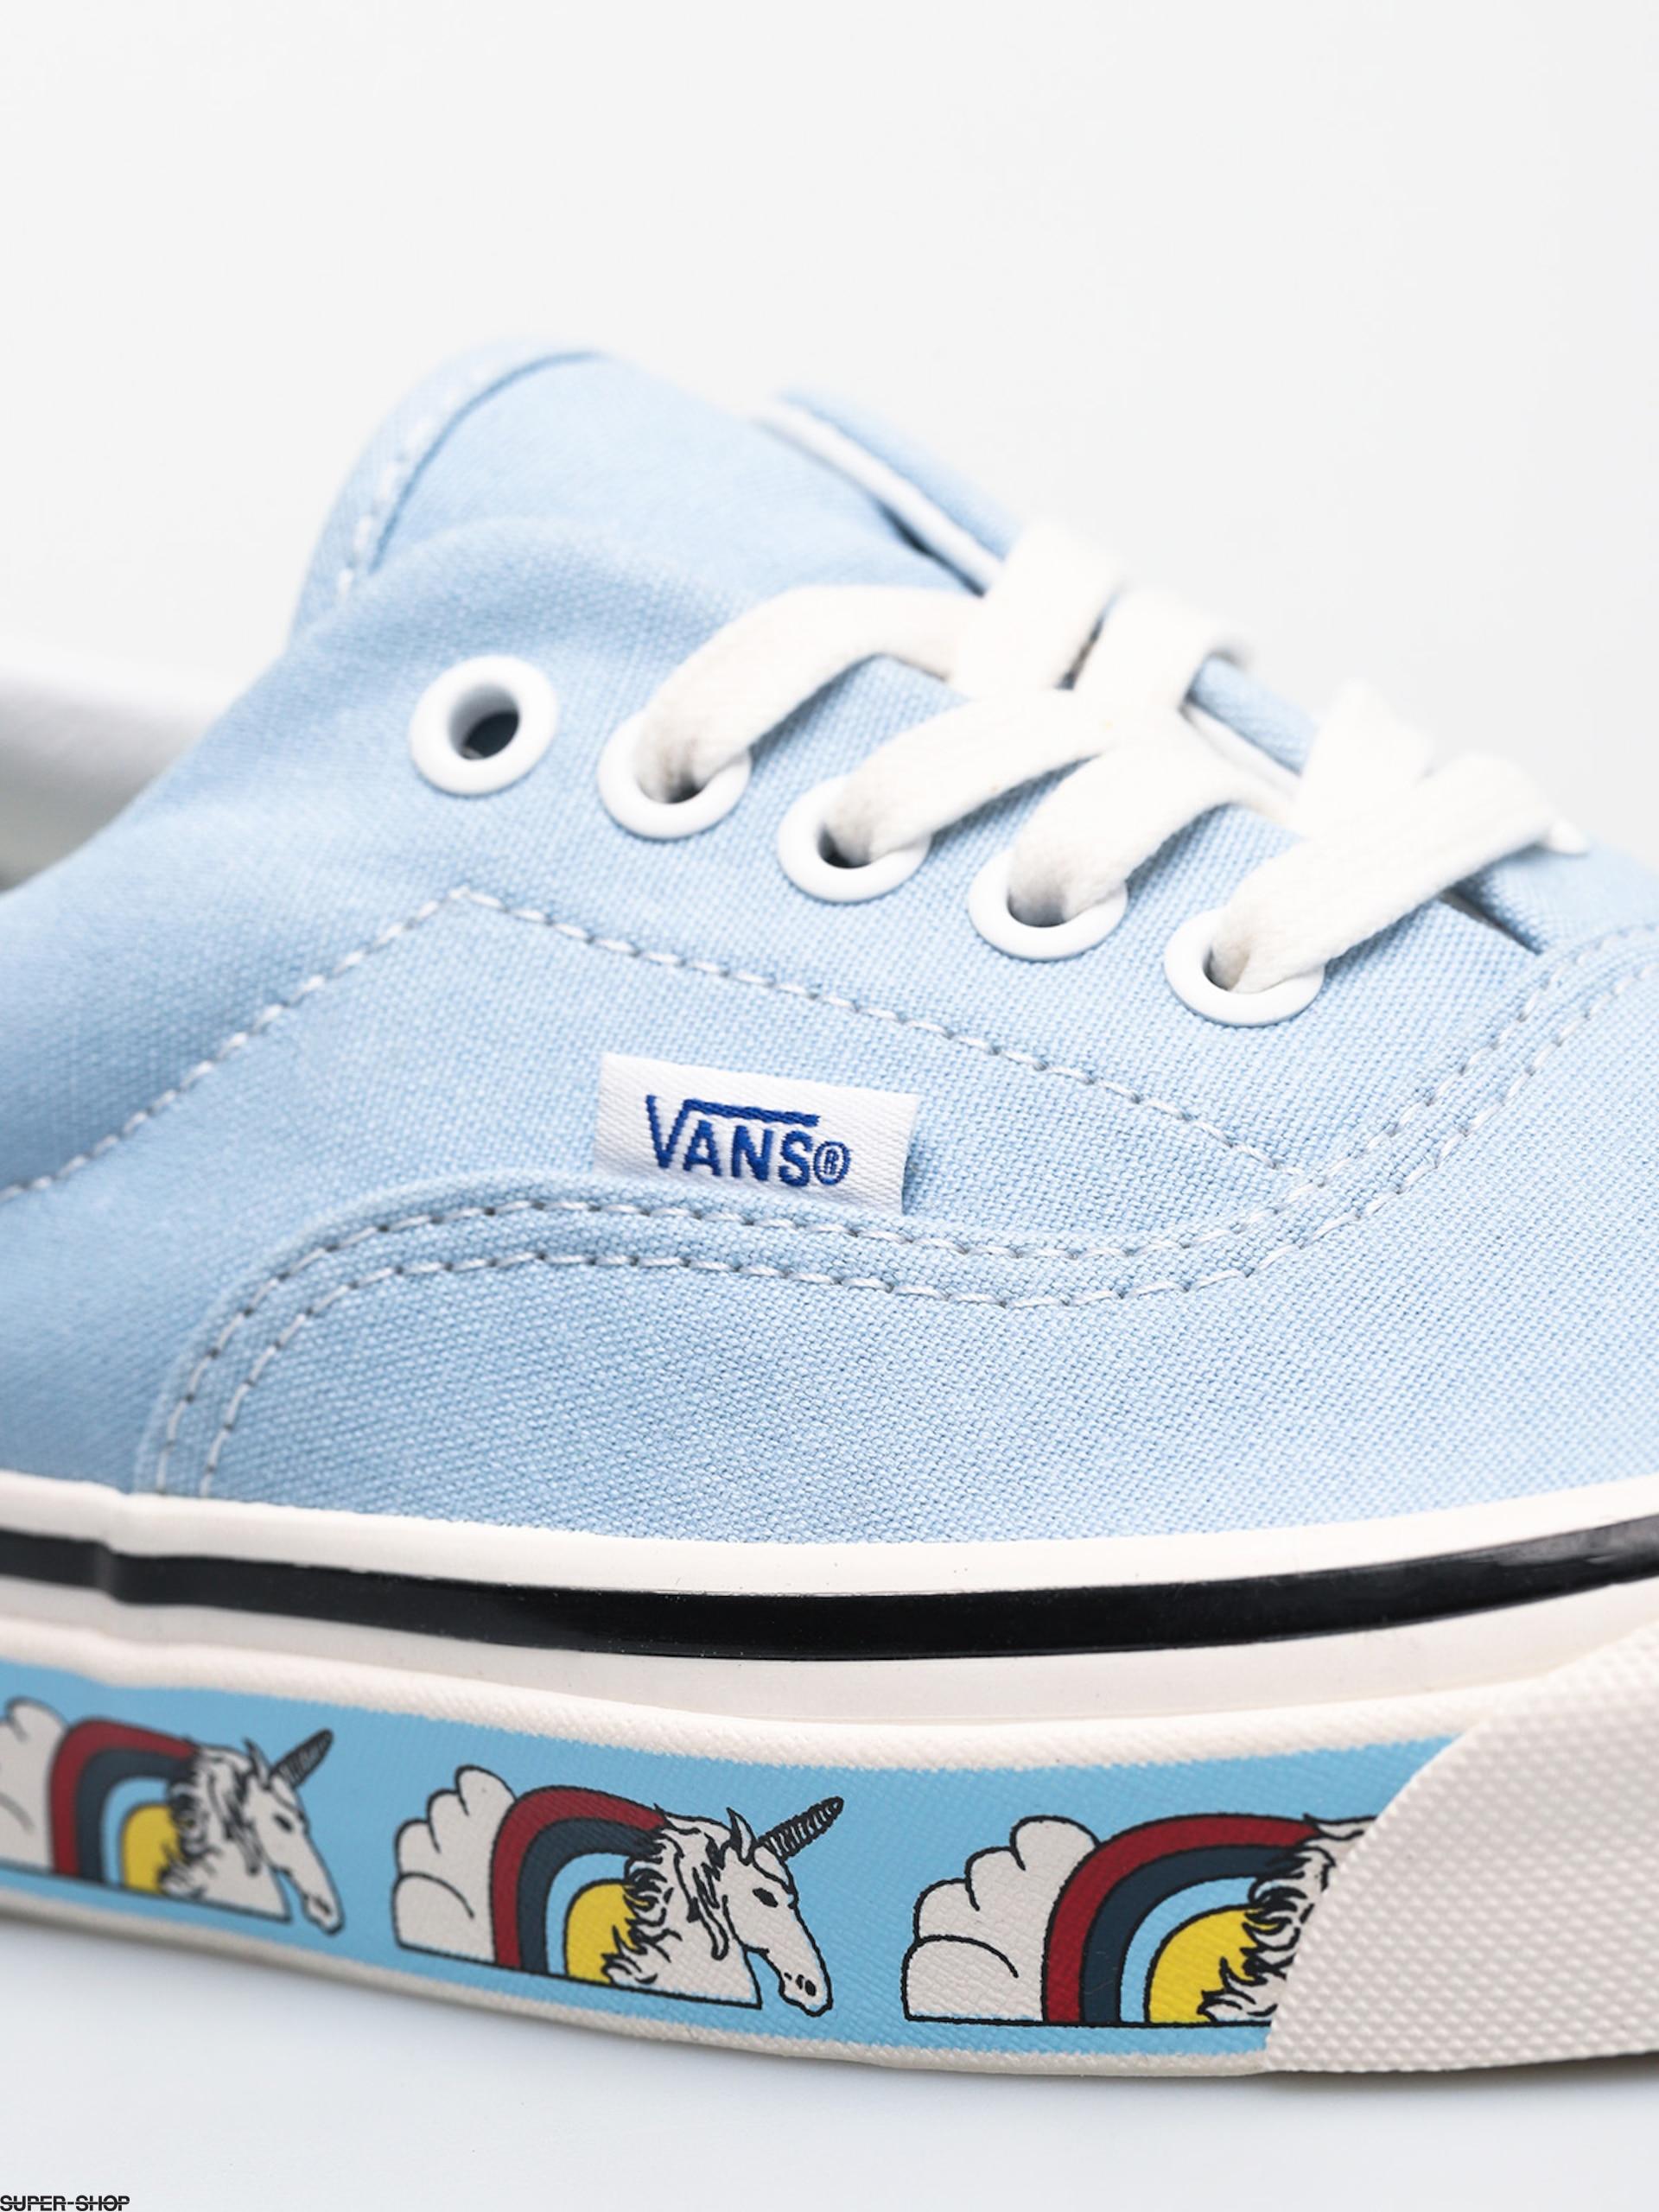 Vans Era 95 Dx Shoes (anaheim factory